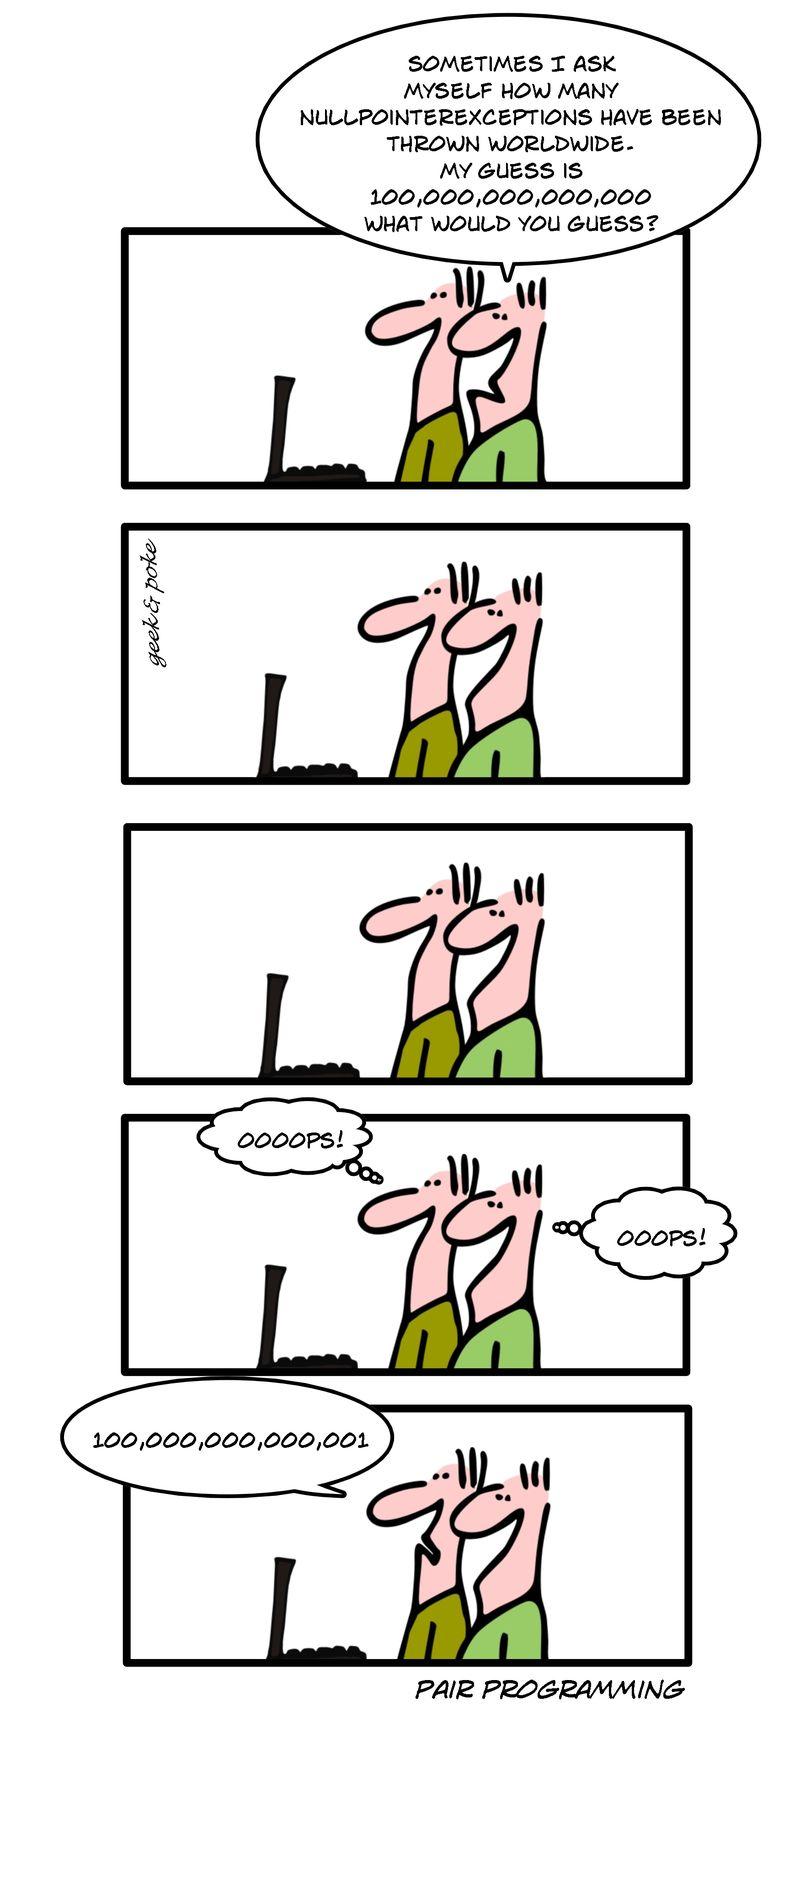 Pairprogramming